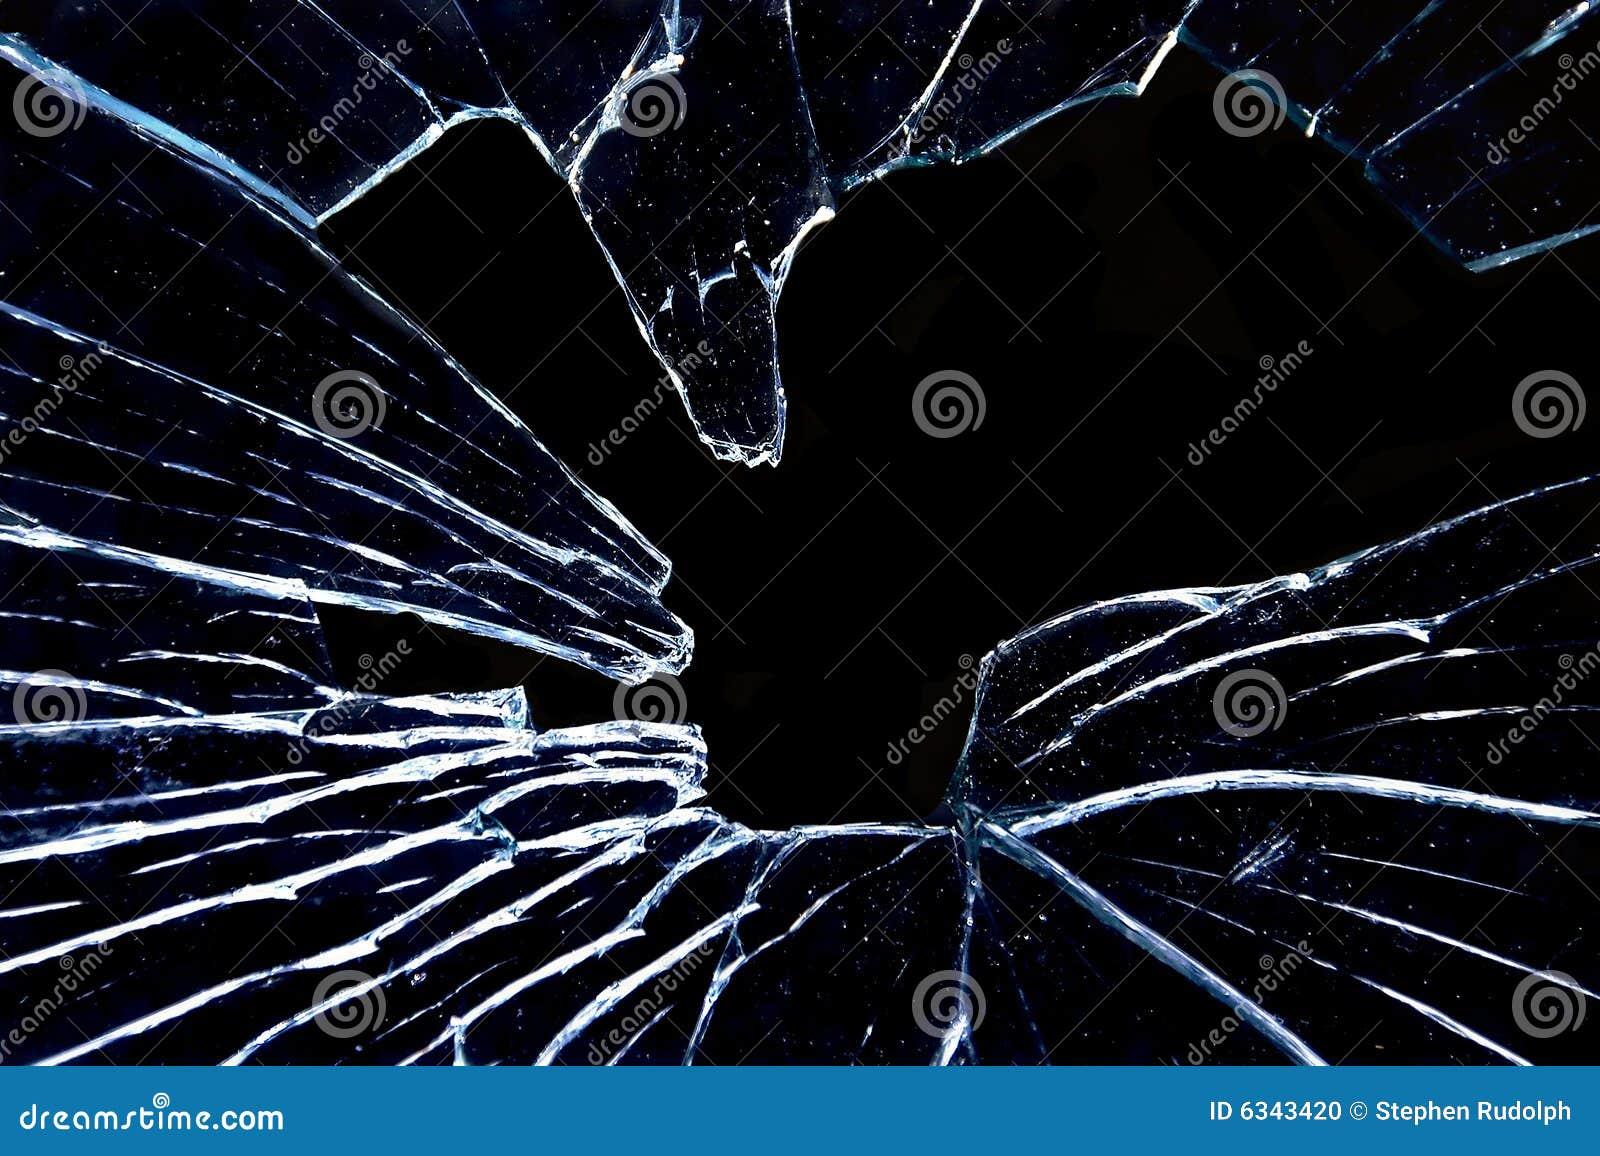 zerbrochenes glas auf strahlenschwarzem stockfoto bild von feld au en 6343420. Black Bedroom Furniture Sets. Home Design Ideas